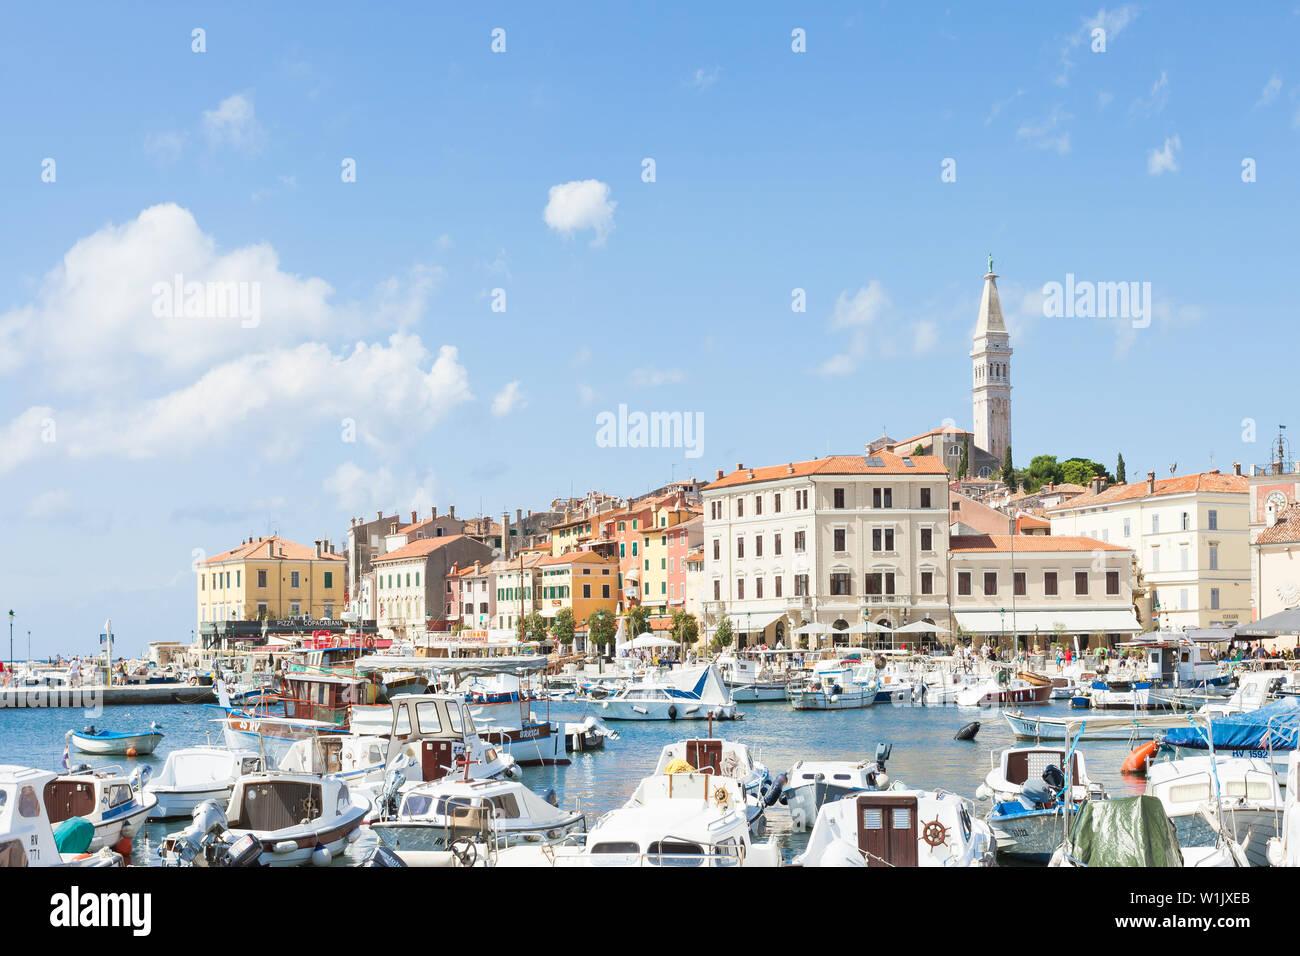 Rovinj, Kroatien, Europa - September 2, 2017 - günstig chartern Motorboote am Hafen von Rovinj Stockfoto